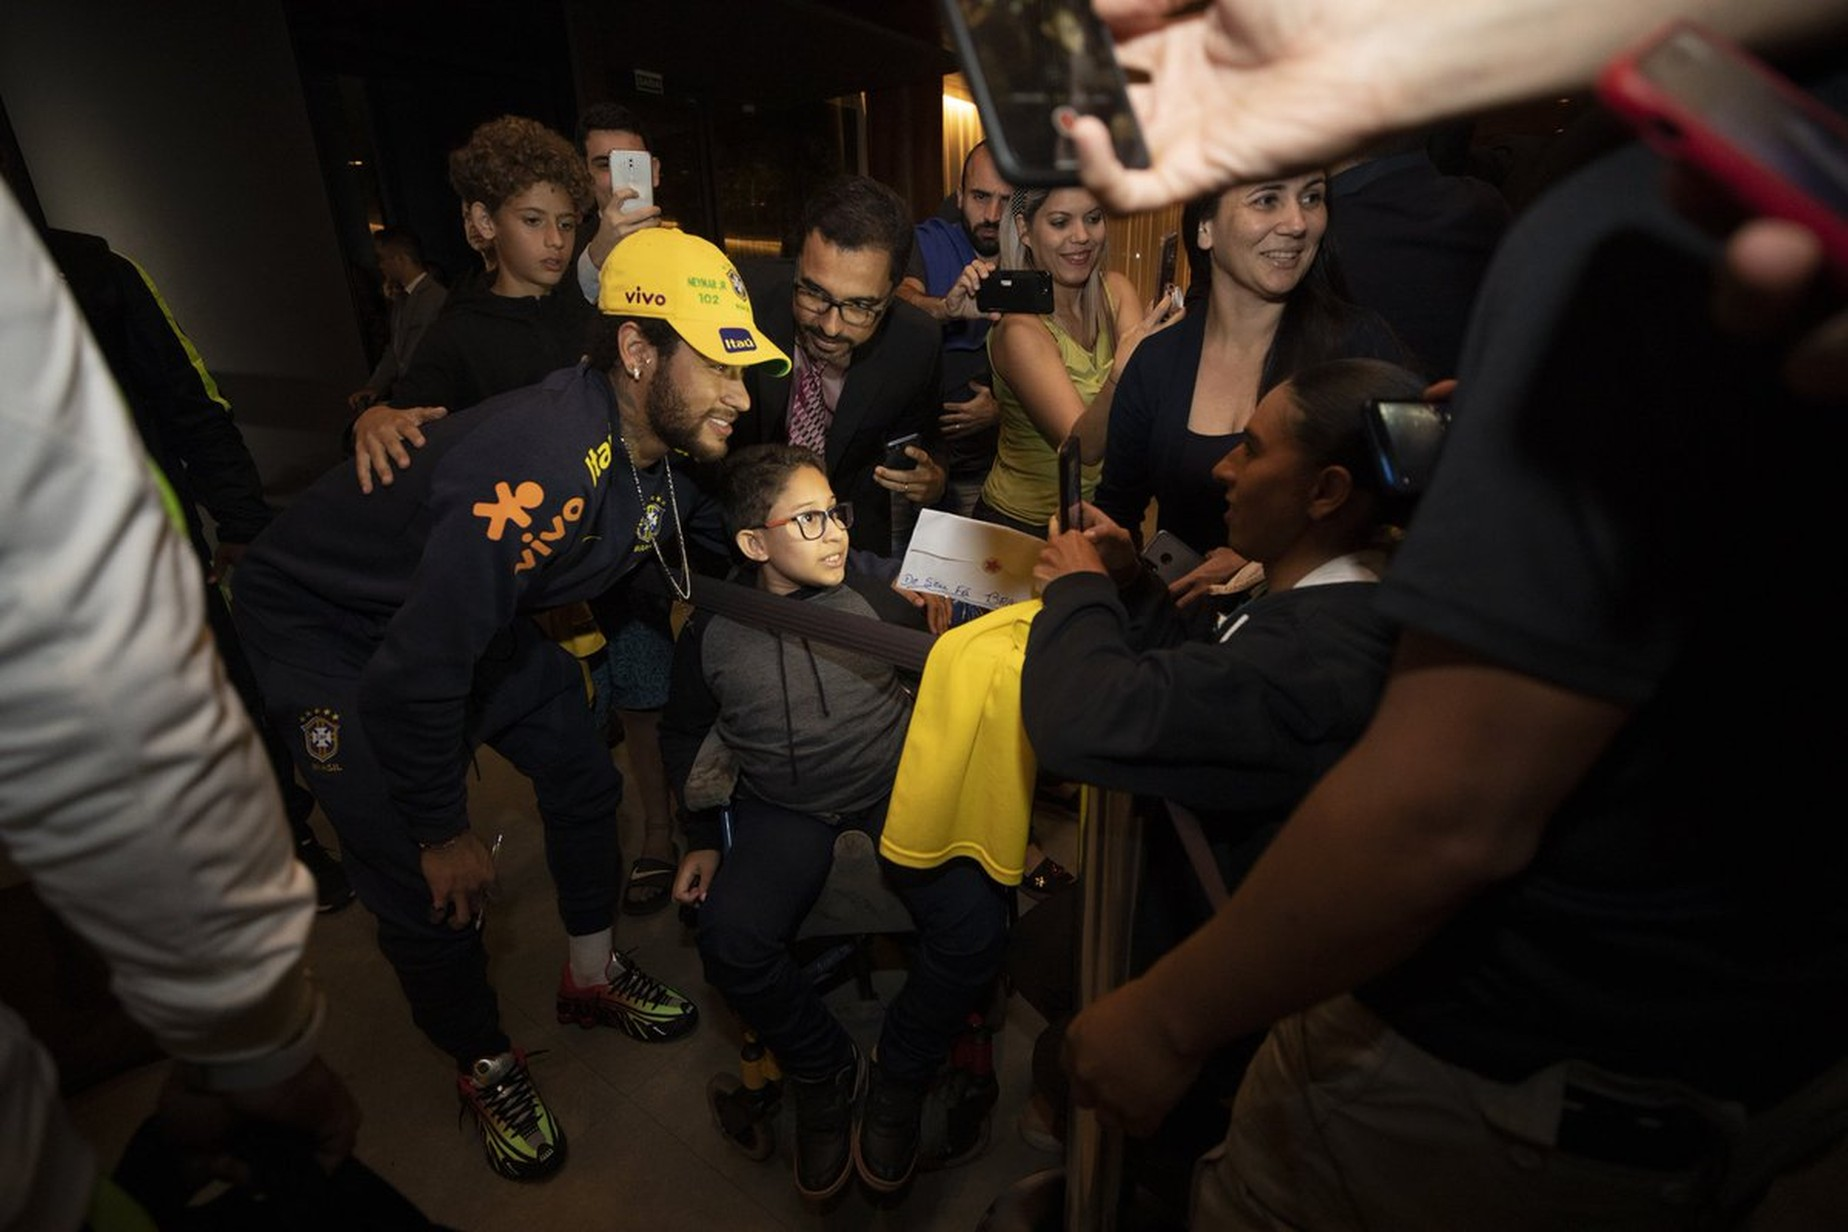 Brasil joga amistoso contra o Catar nesta quarta-feira